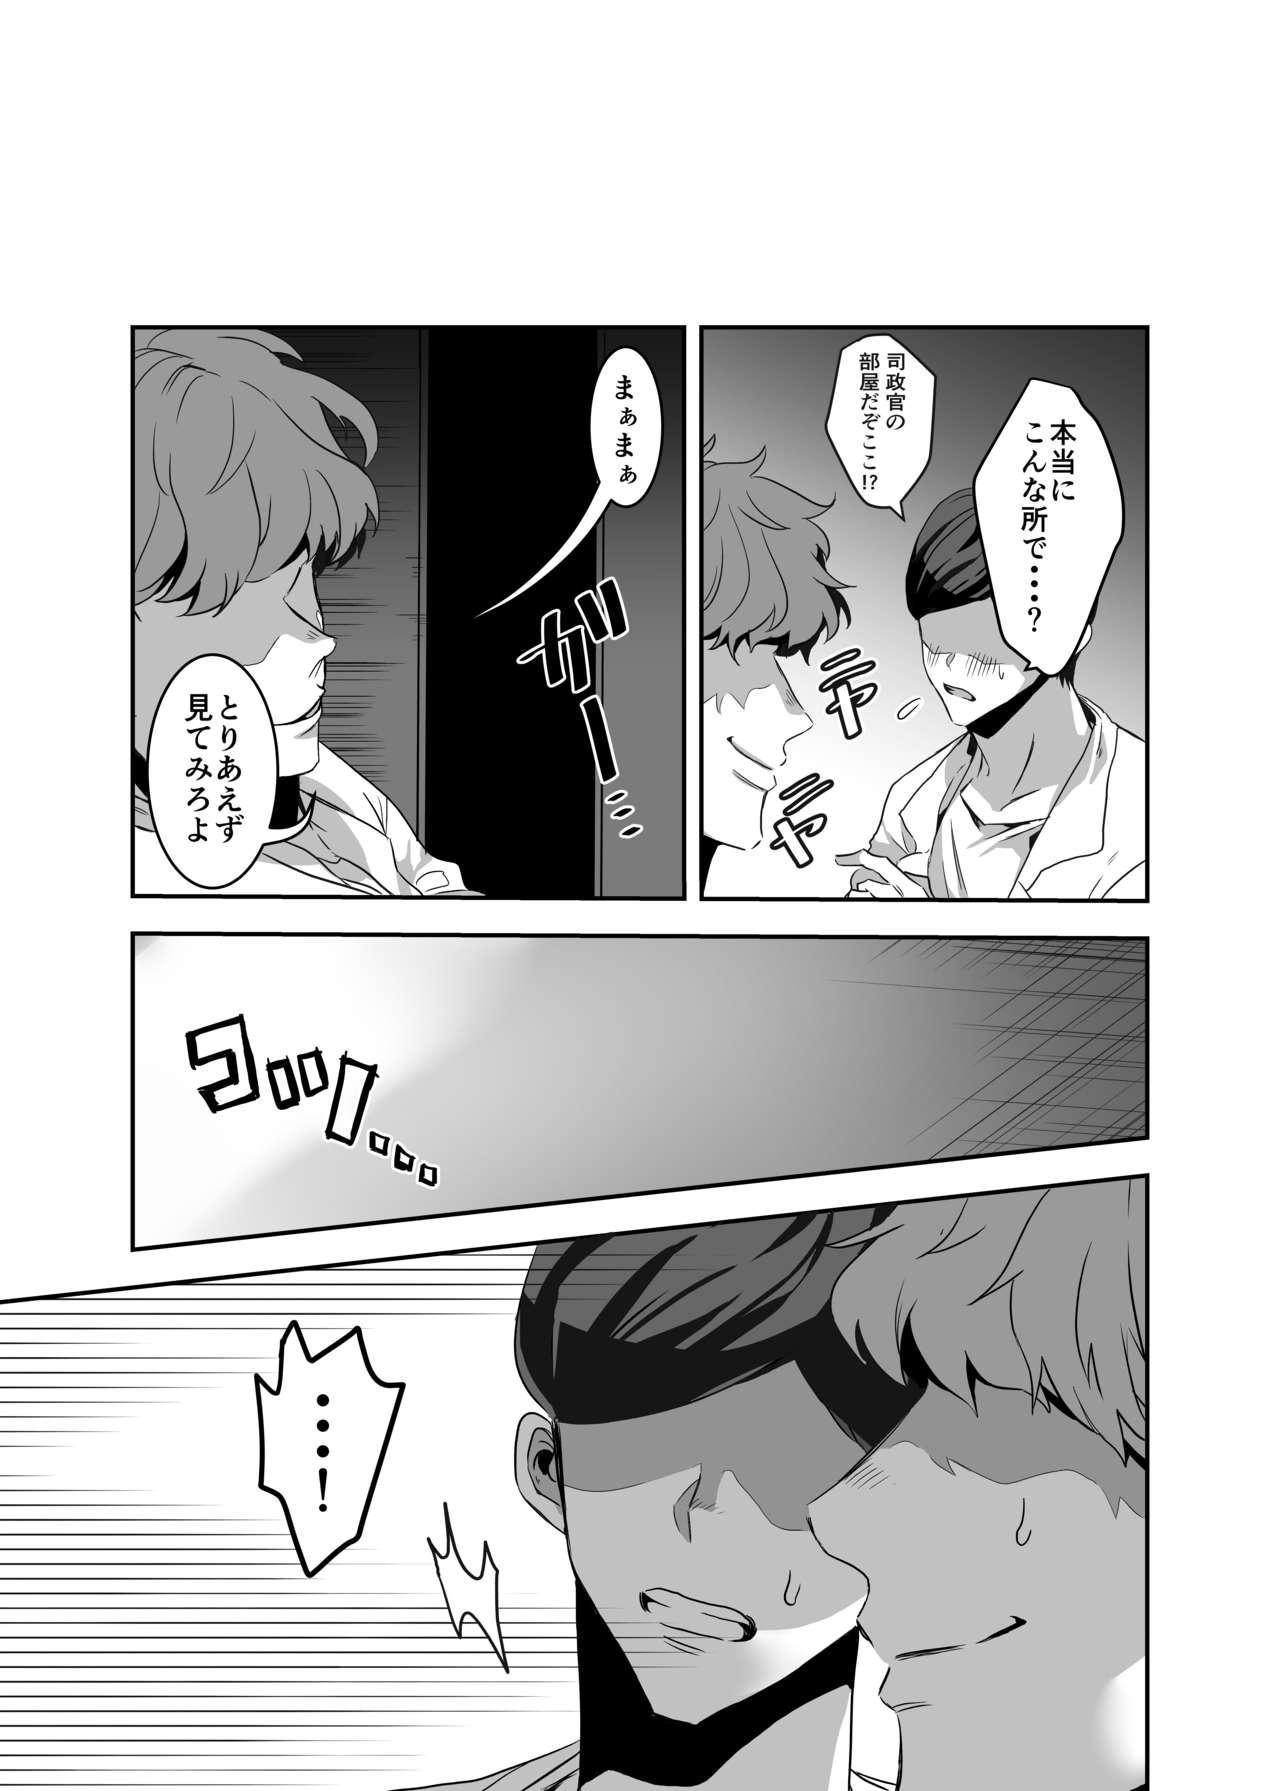 Masaka Ano Promepolis Shiseikan ga Saimin Appli de Seidorei ni Ochiru nante 22